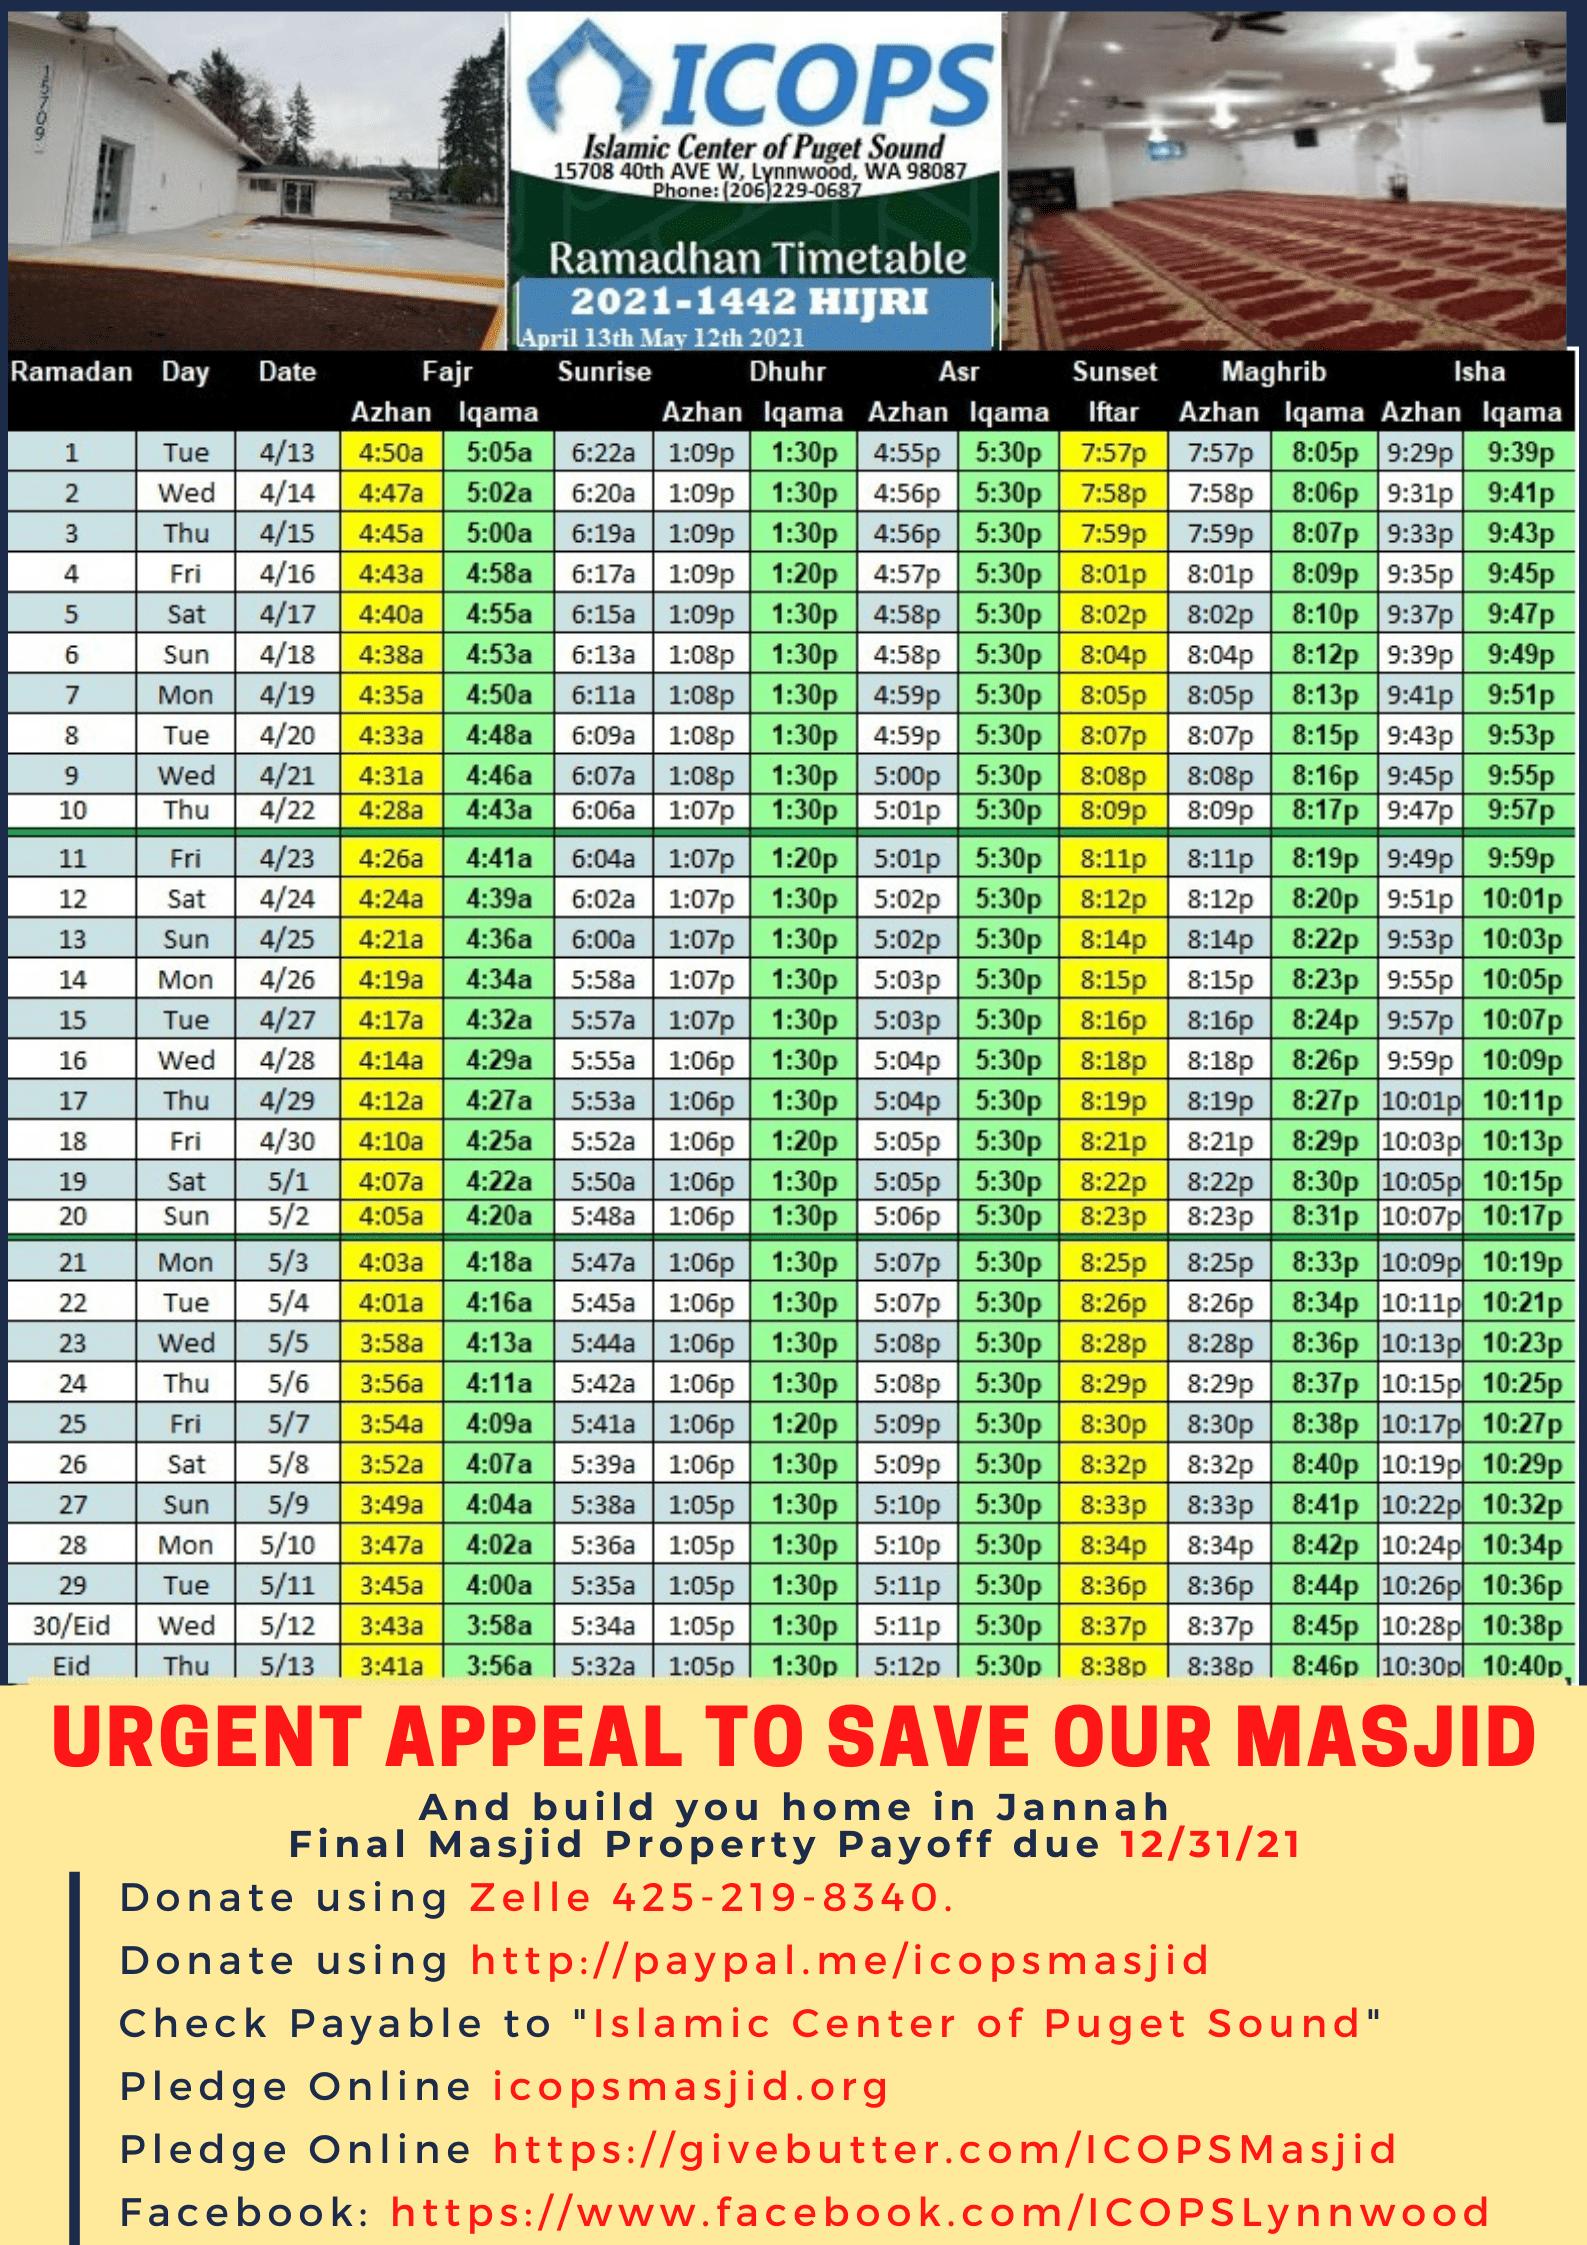 ICOPS Ramadan Schedule